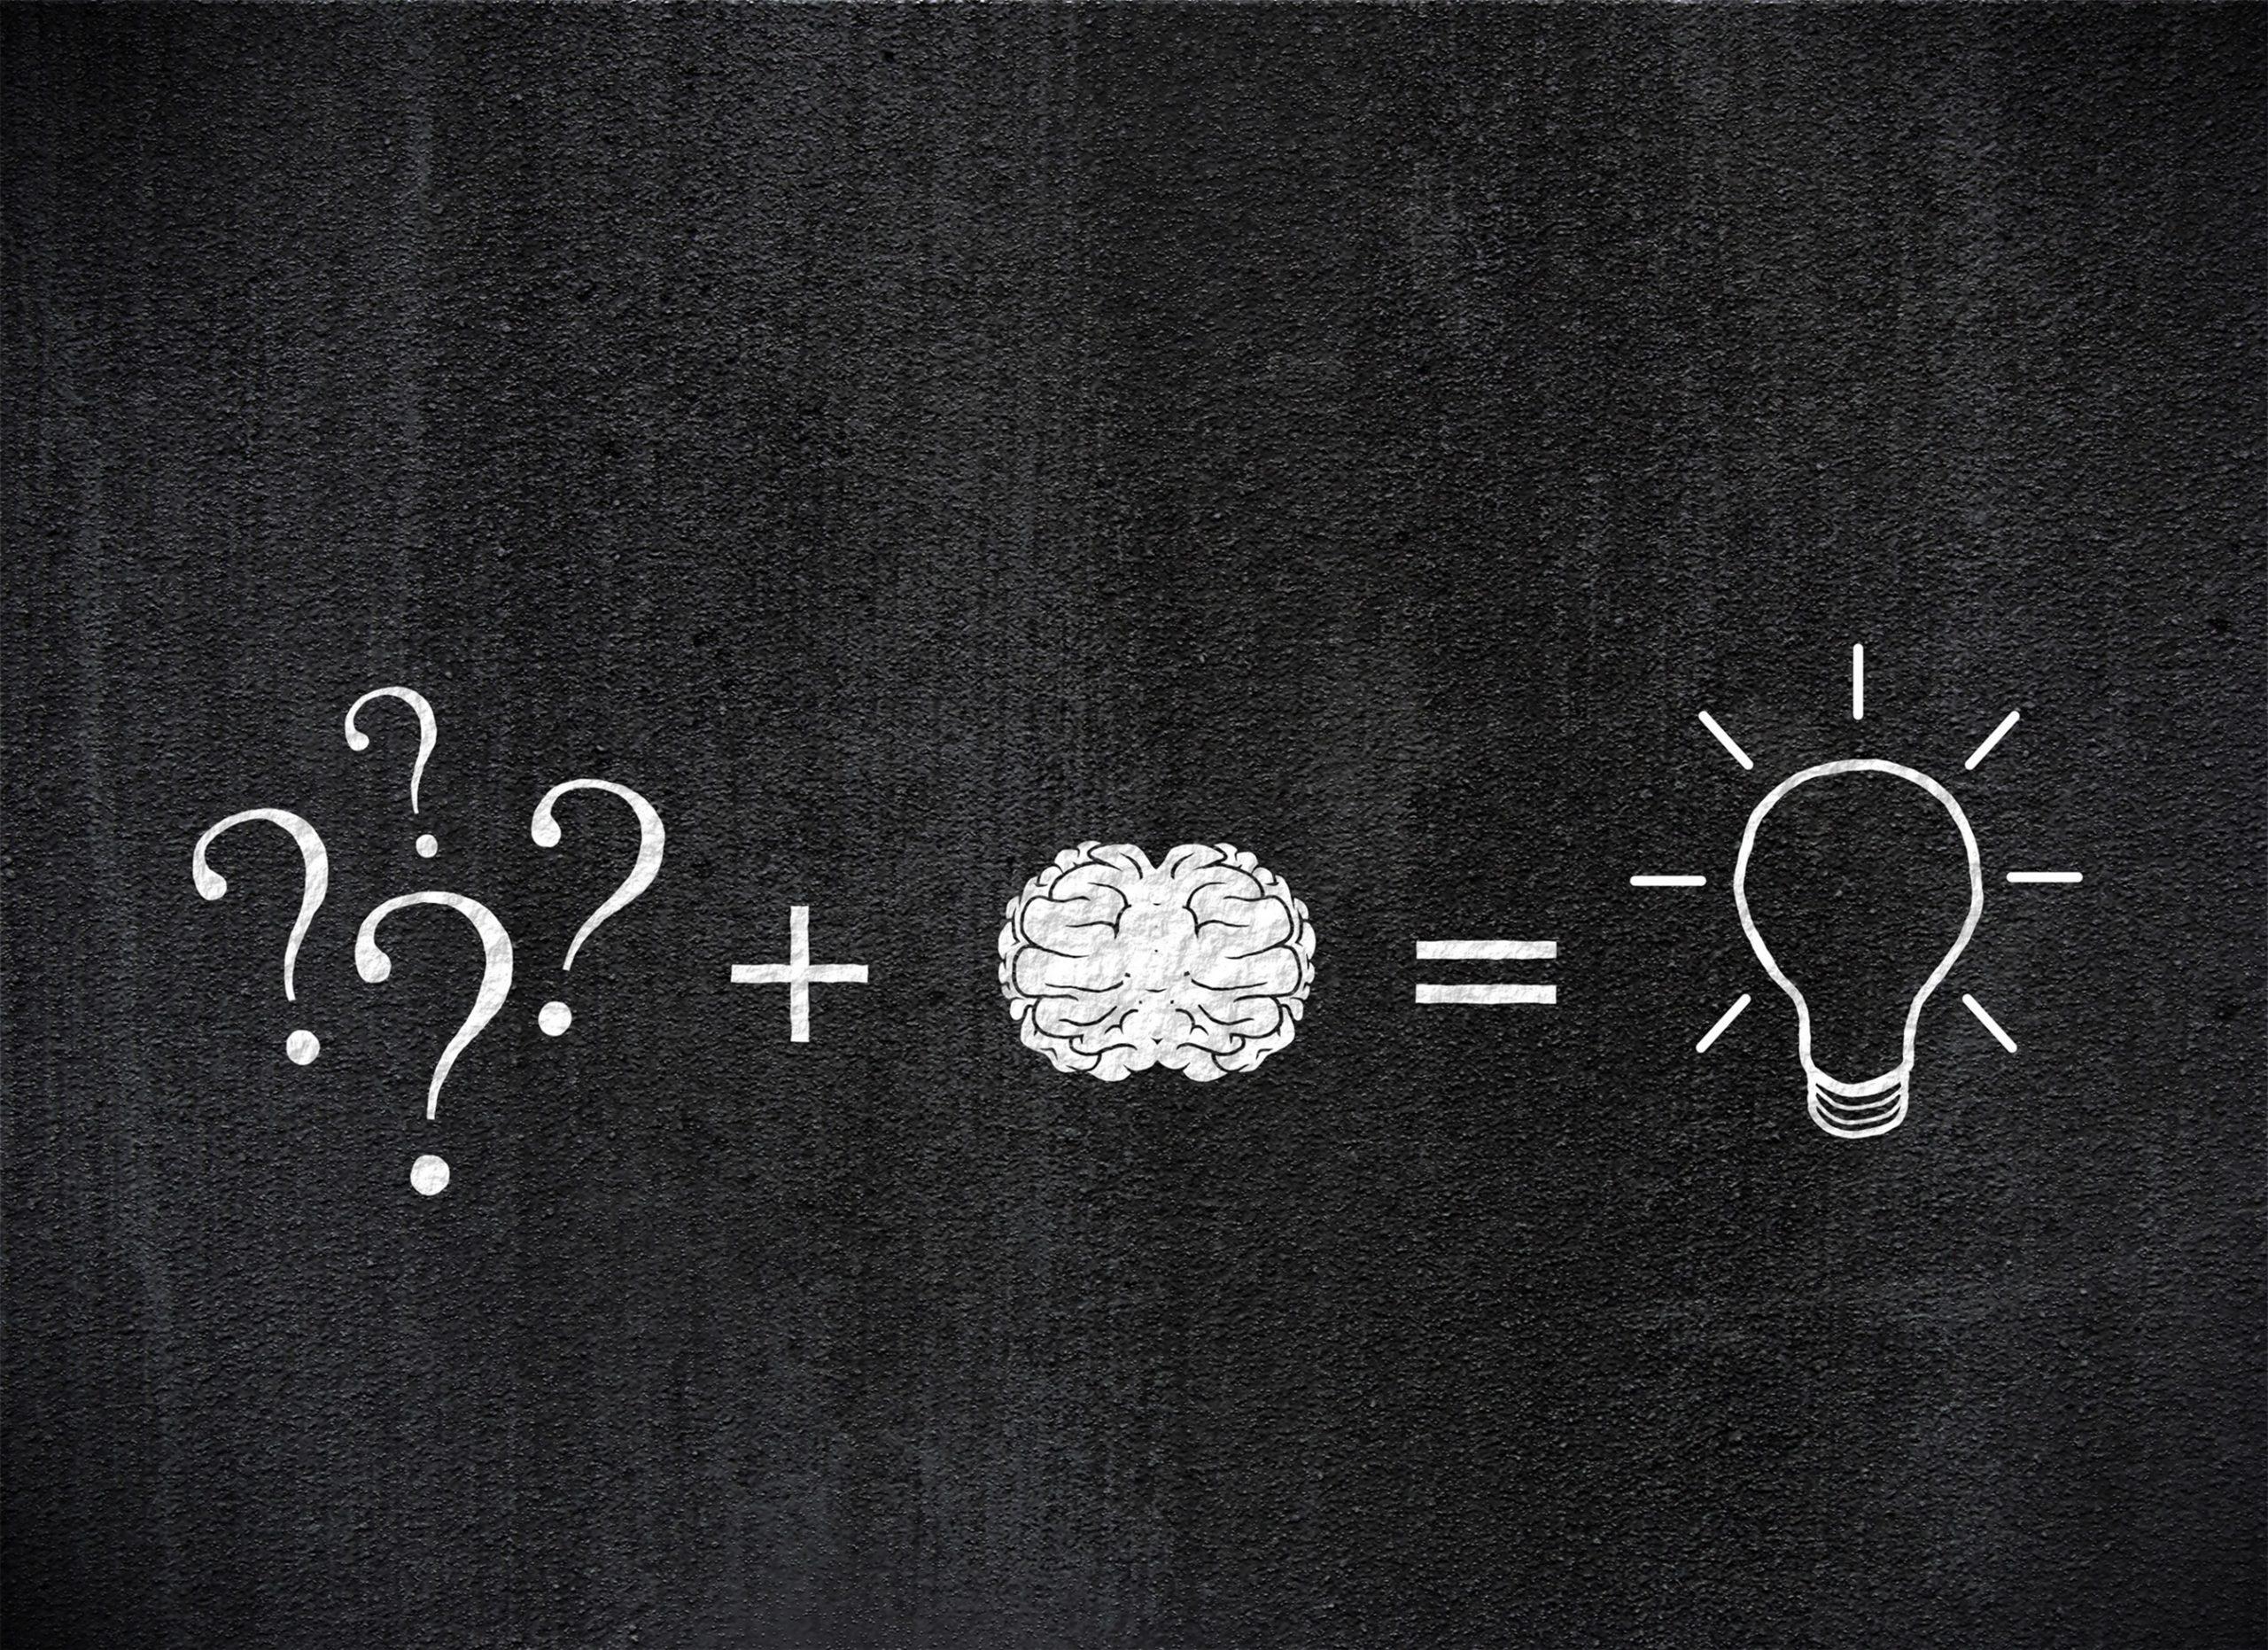 Processo de Pensamento - Encontrar Solução para Problema